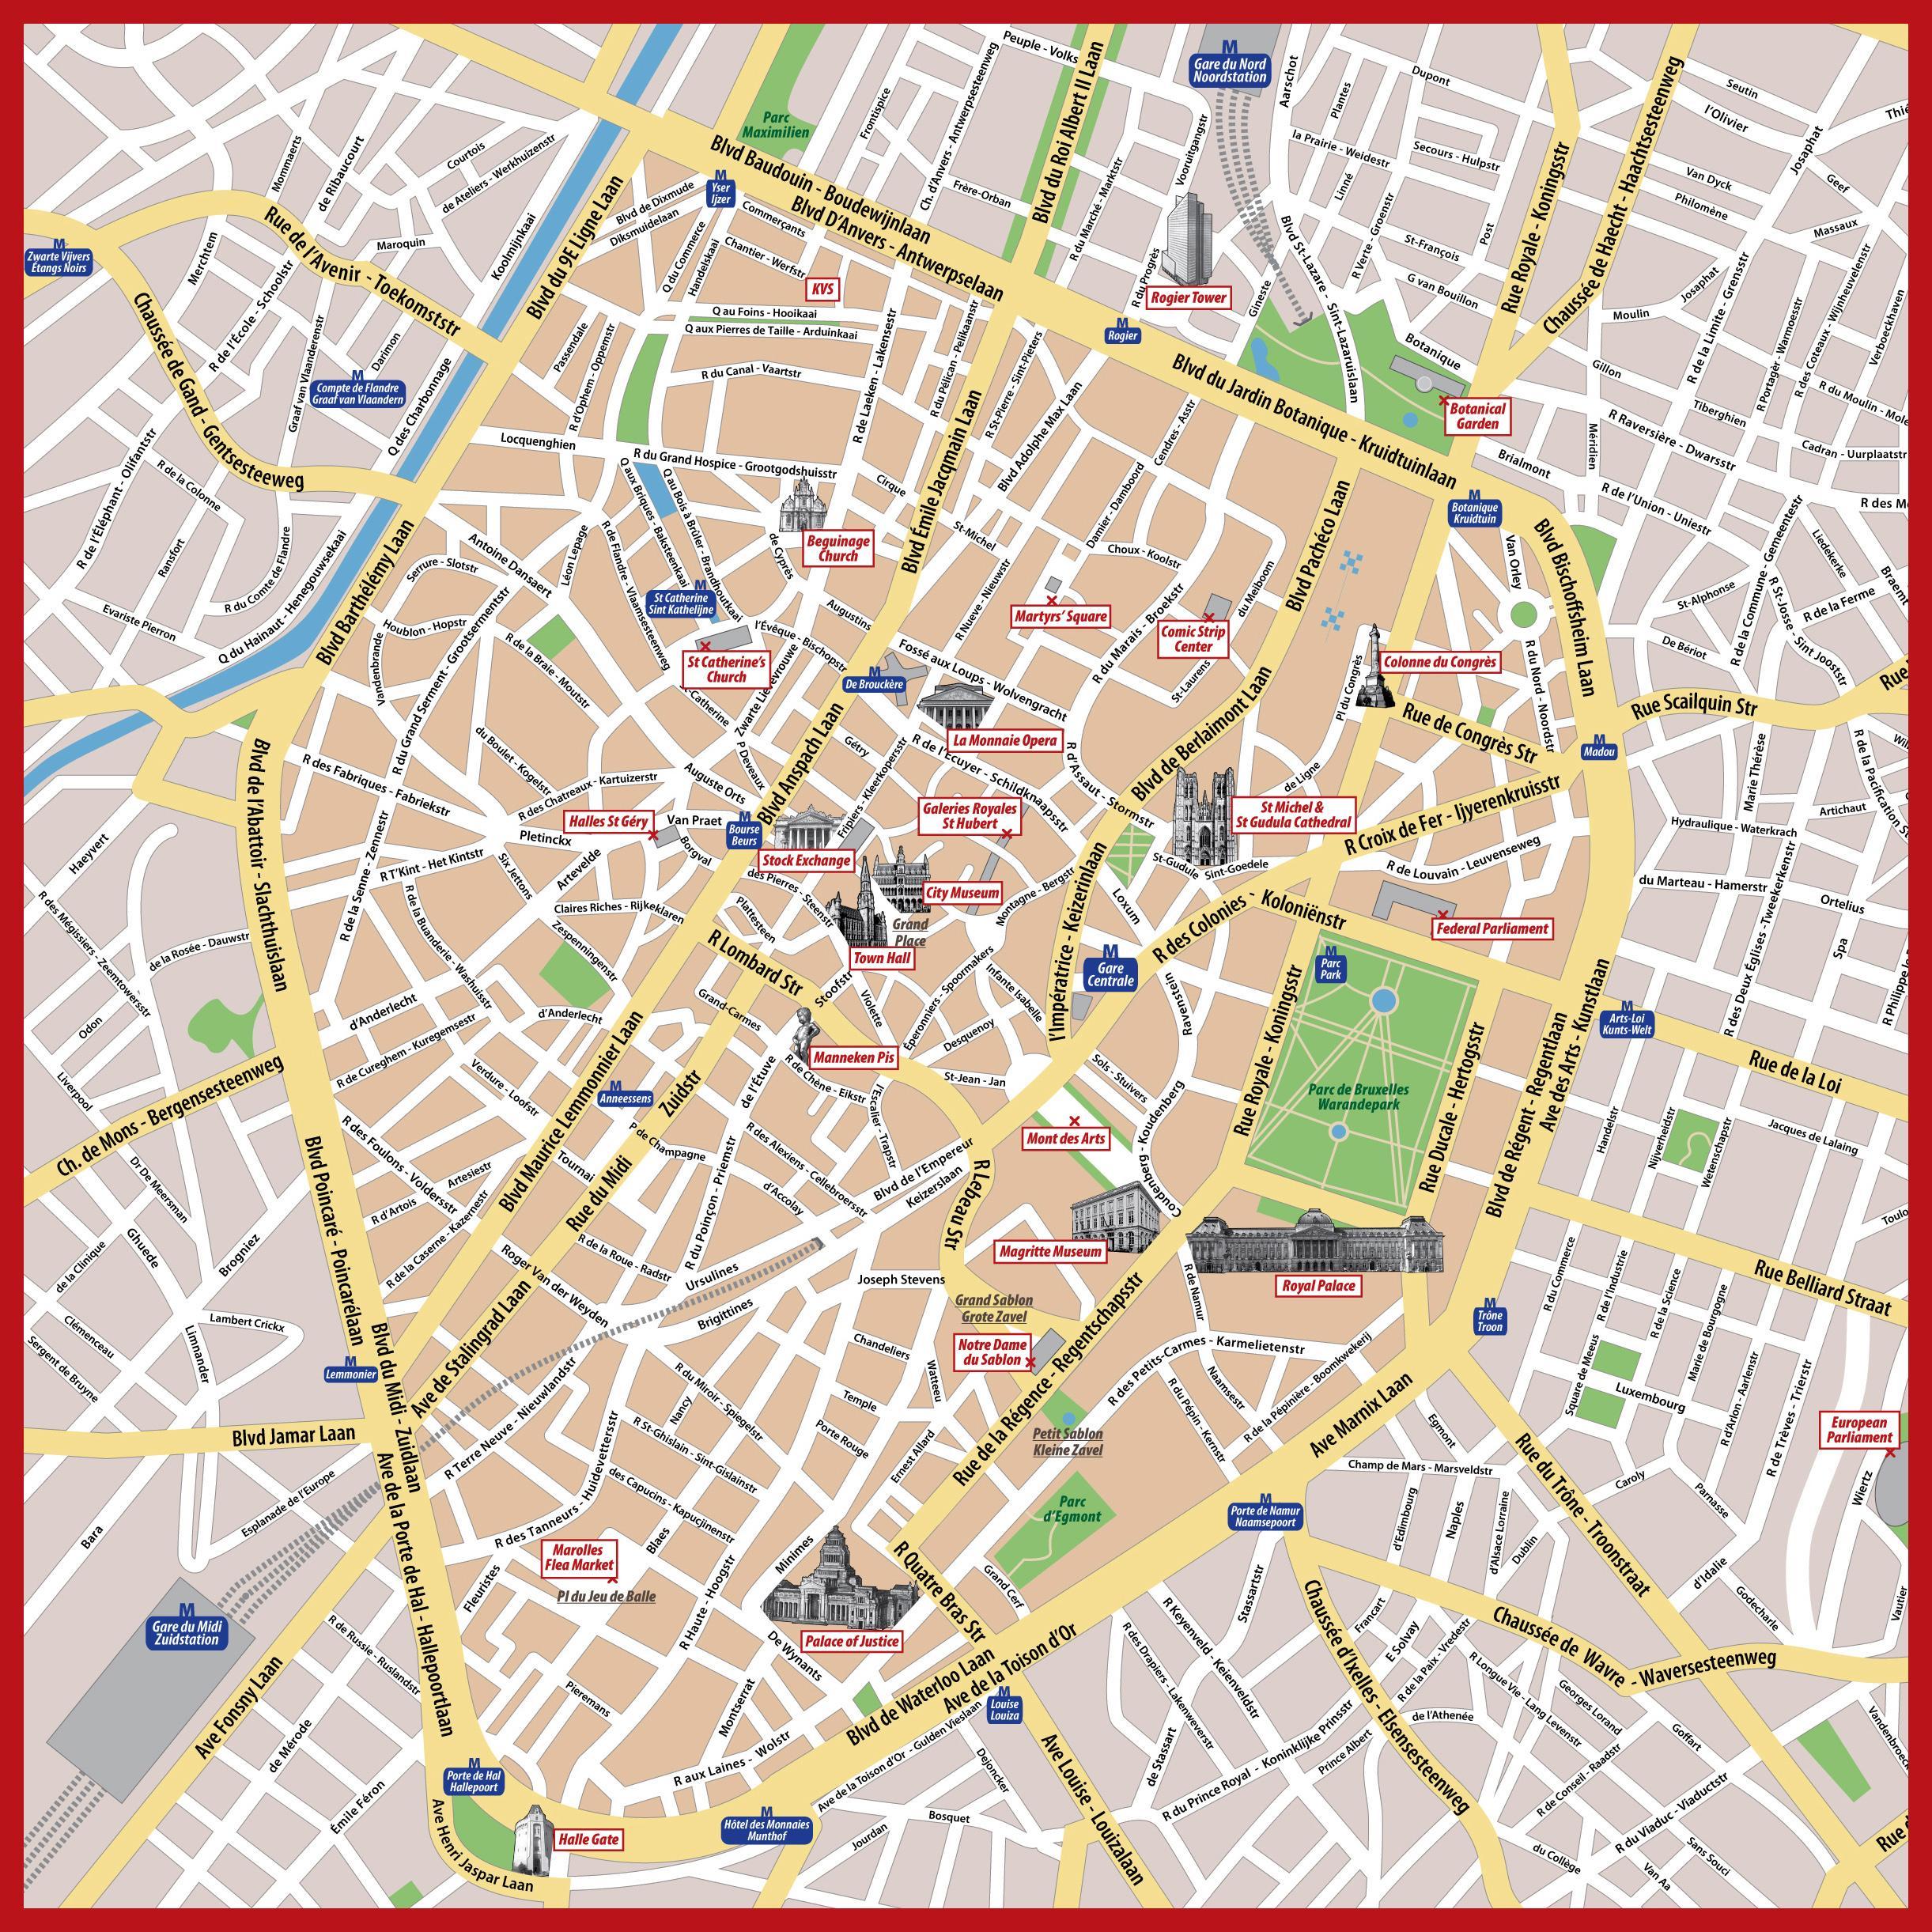 Brüssel Sehenswürdigkeiten Karte.Sehenswürdigkeiten In Brüssel Map Karte Von Brüssel Belgien